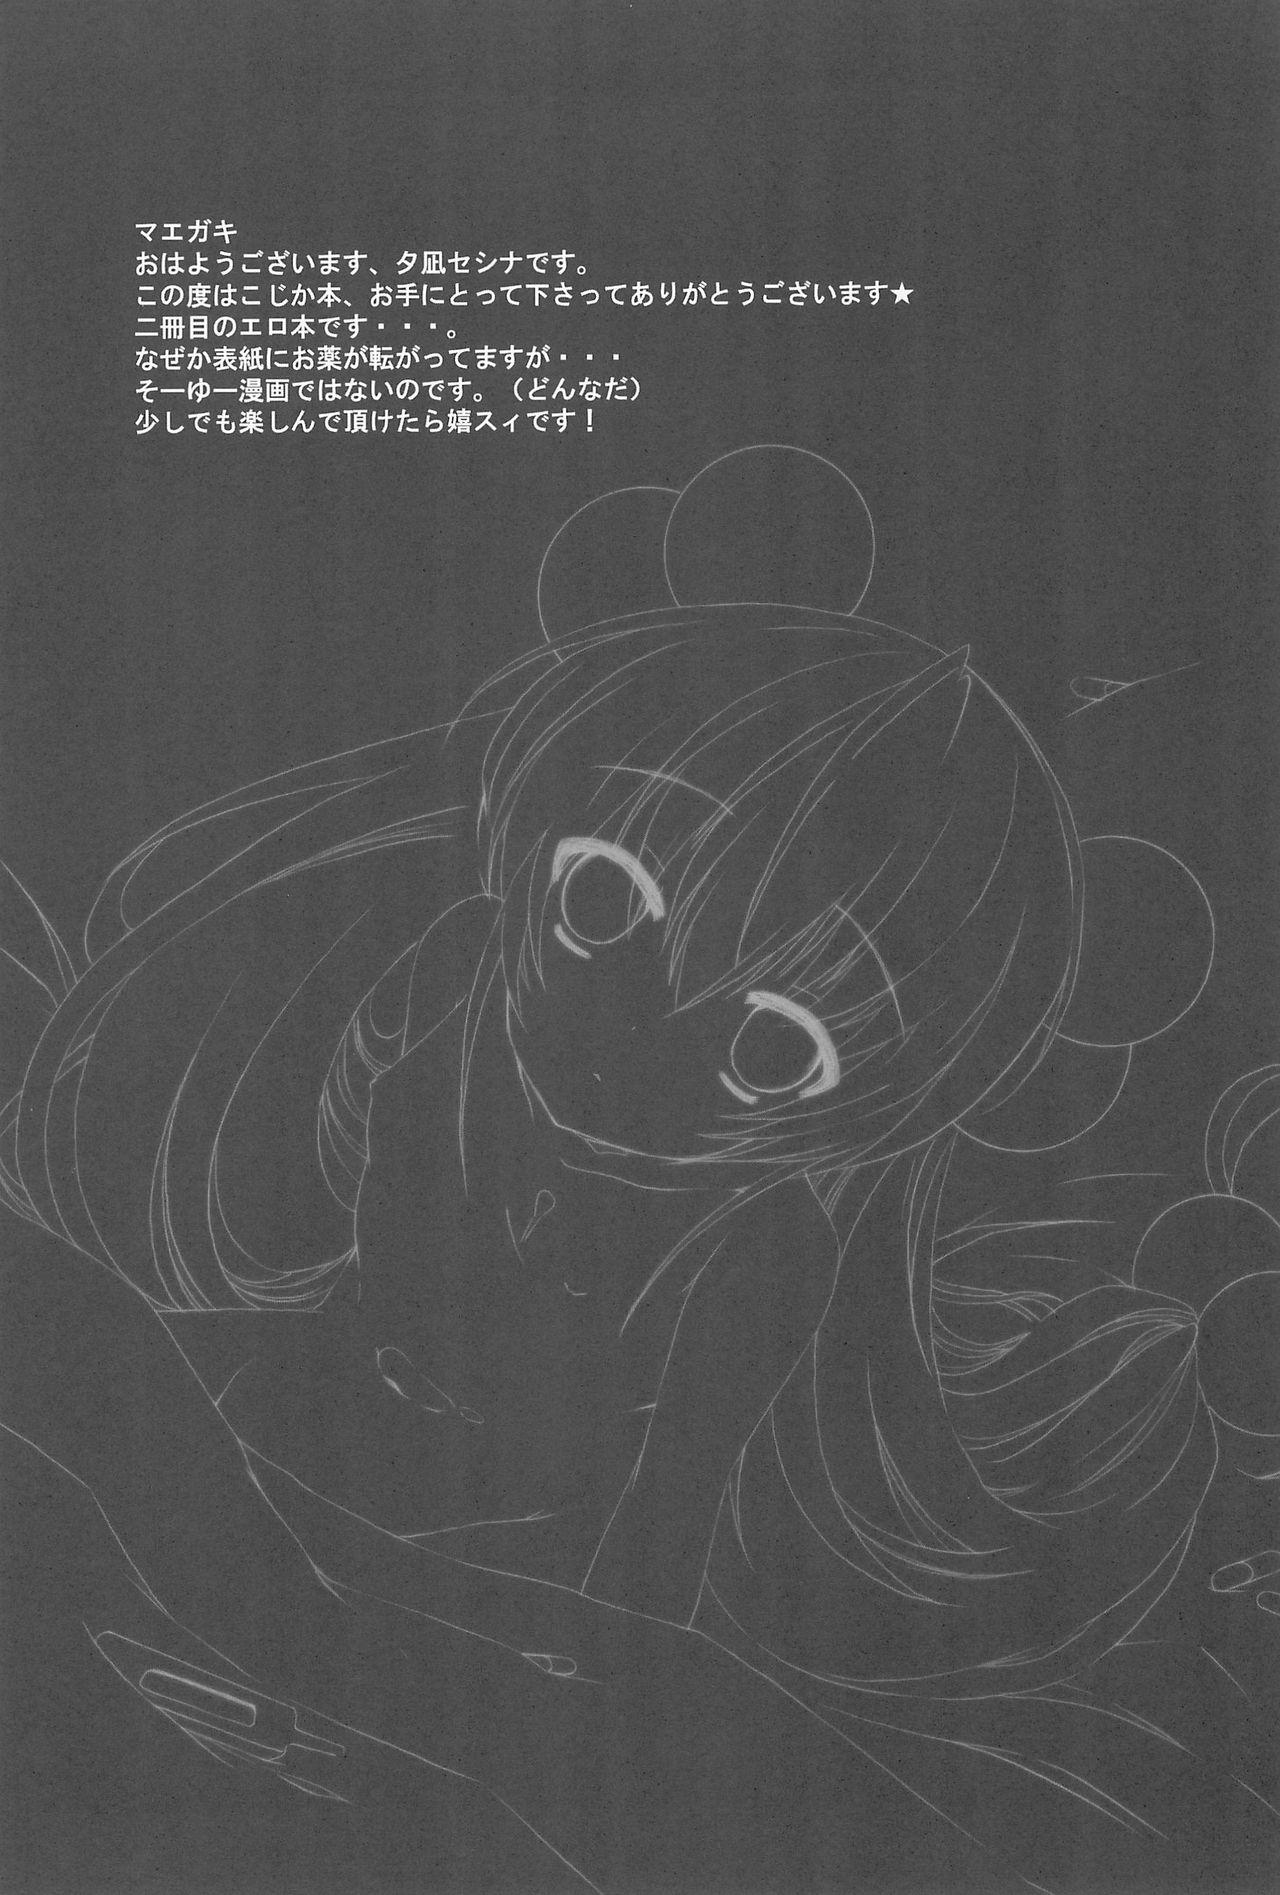 Onetsu no Jikan 3